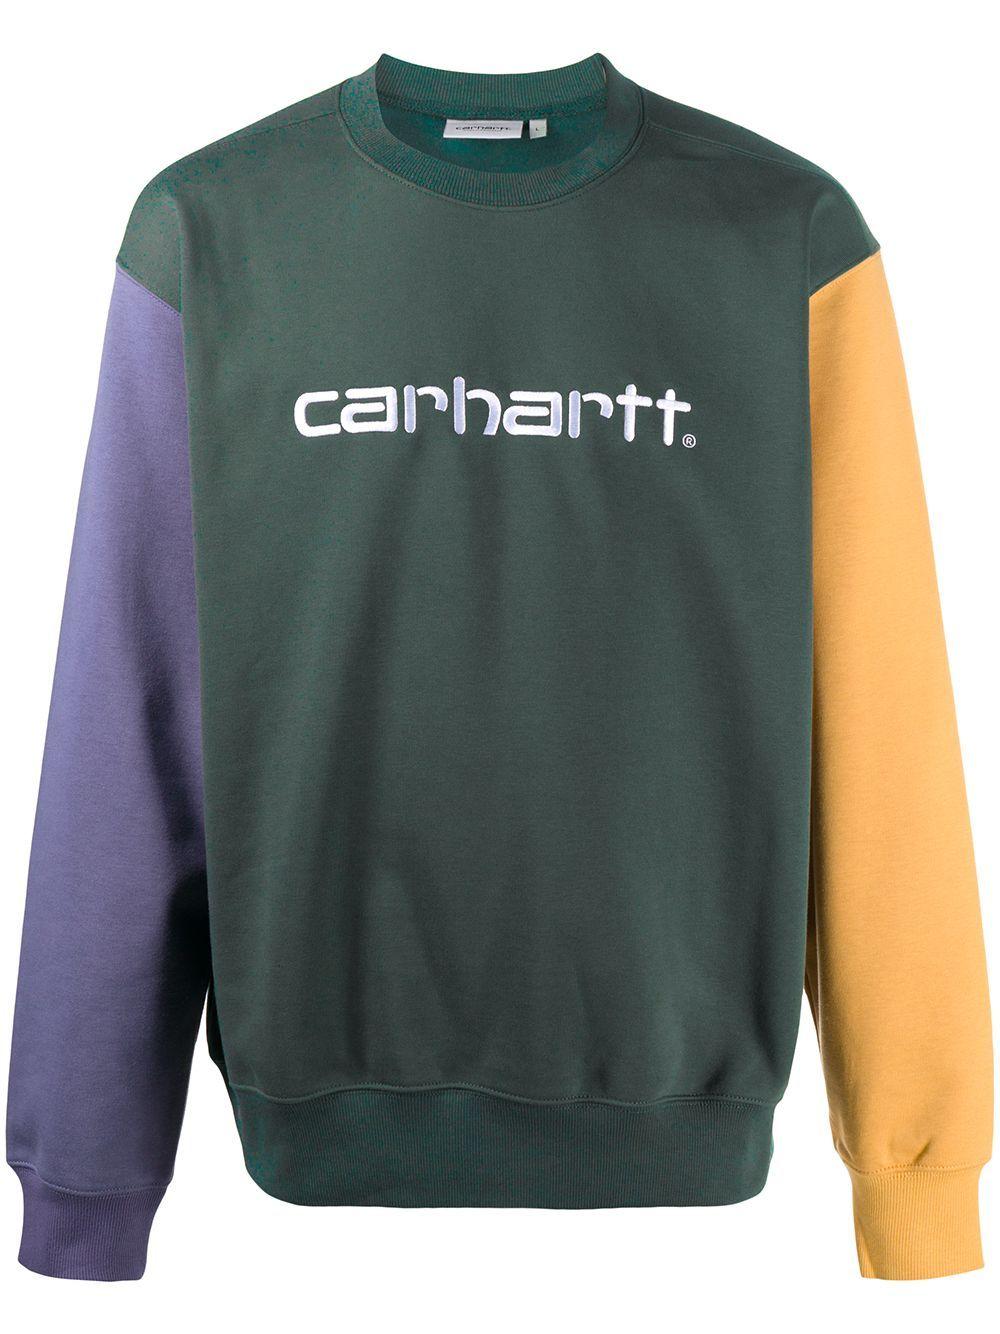 Carhartt Midweight Crew Neck Sweatshirt In 2021 Carhartt Sweatshirts Sweatshirts Crew Neck Sweatshirt [ 1500 x 1200 Pixel ]